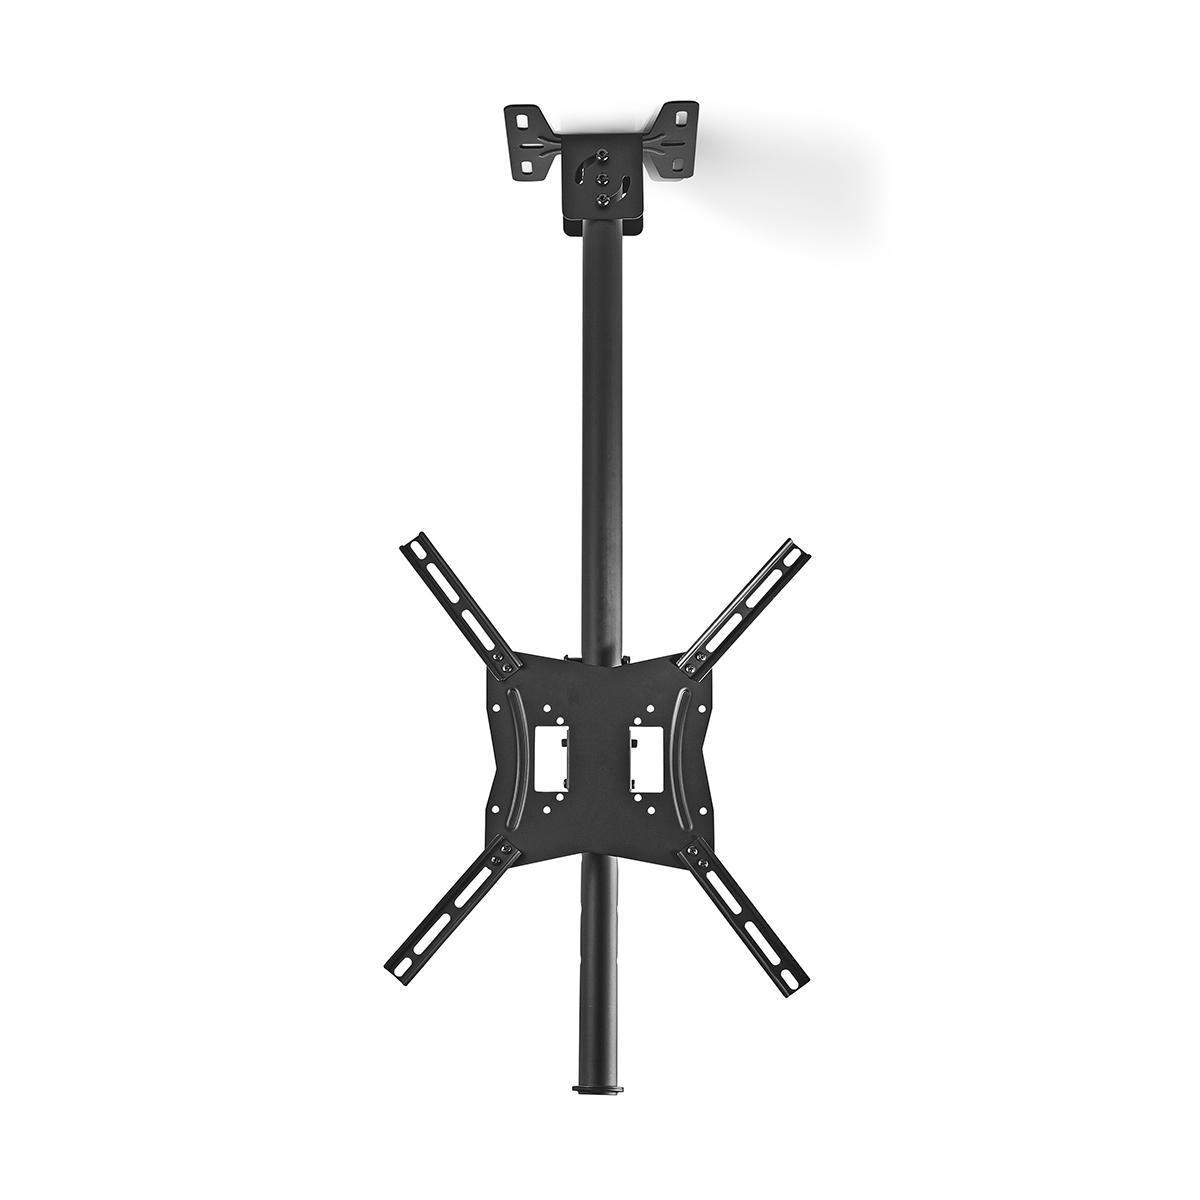 Este suporte de teto TVCM1330BK da Nedis® é a solução mais versátil para pendurar sua TV. Por que você deixaria sua TV ocupar mais espaço do que o necessário? Com este suporte de teto, você pode facilmente pendurar sua TV no teto.